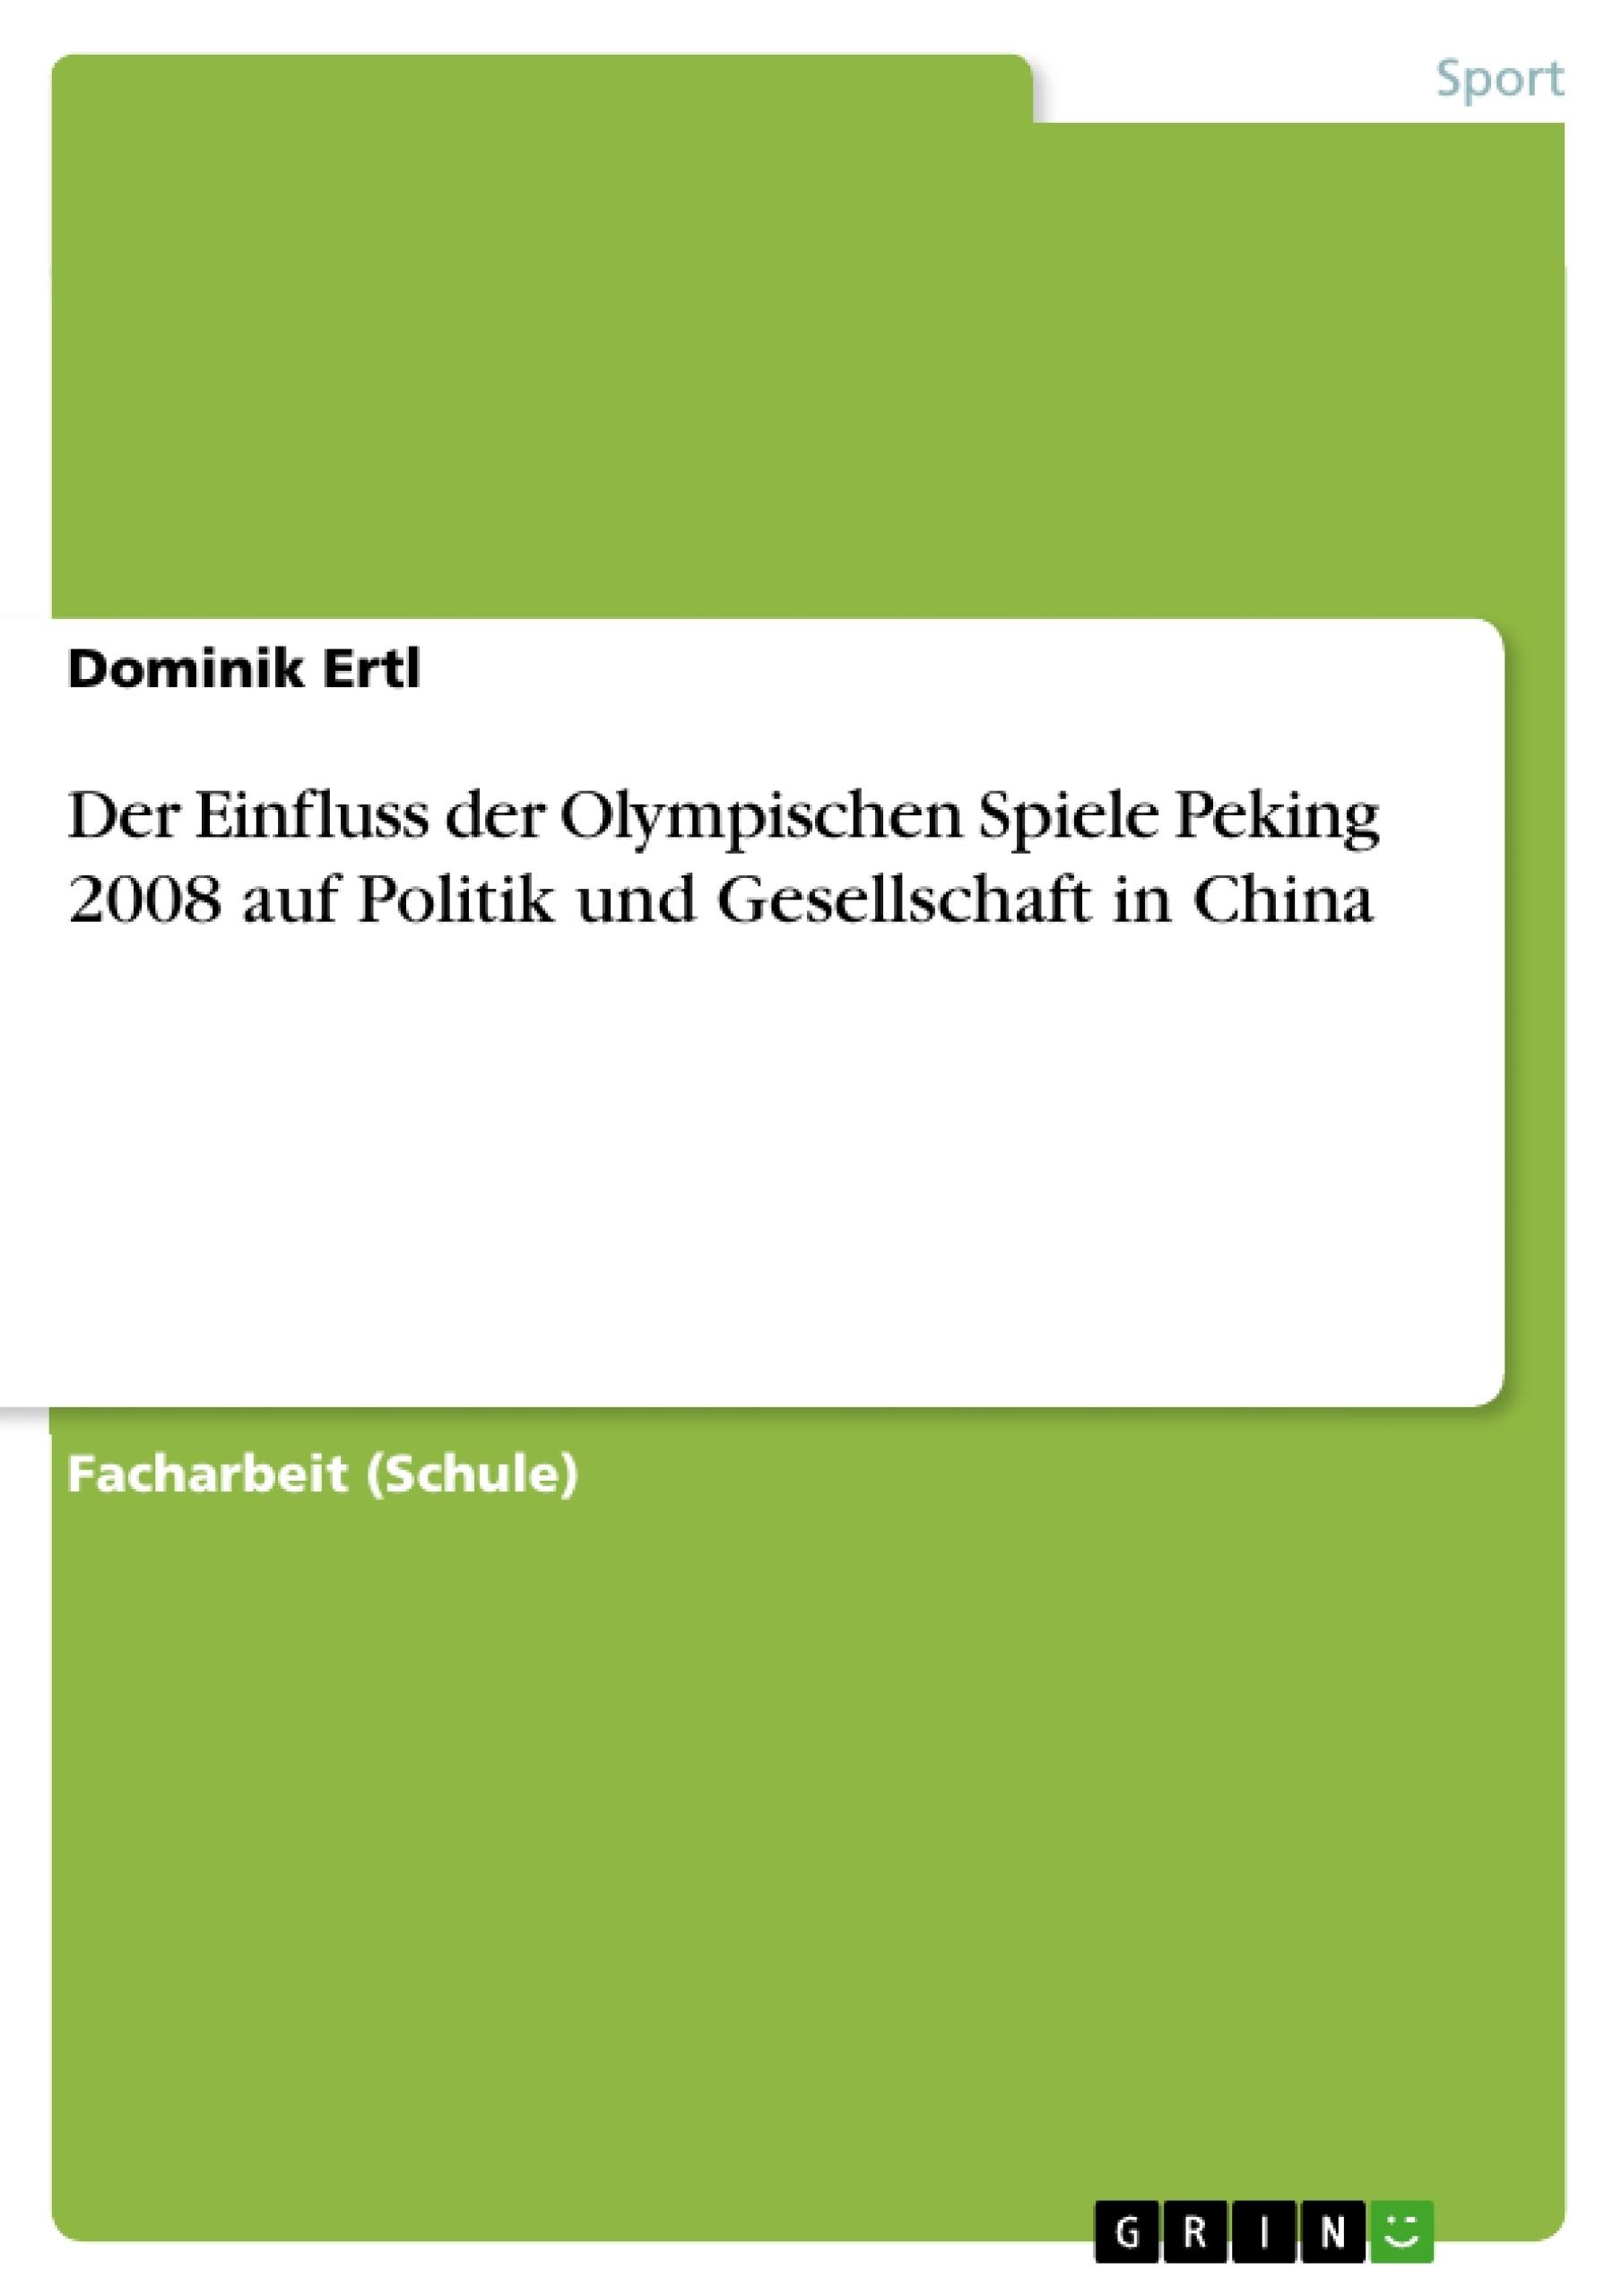 Titel: Der Einfluss der Olympischen Spiele Peking 2008 auf Politik und Gesellschaft in China